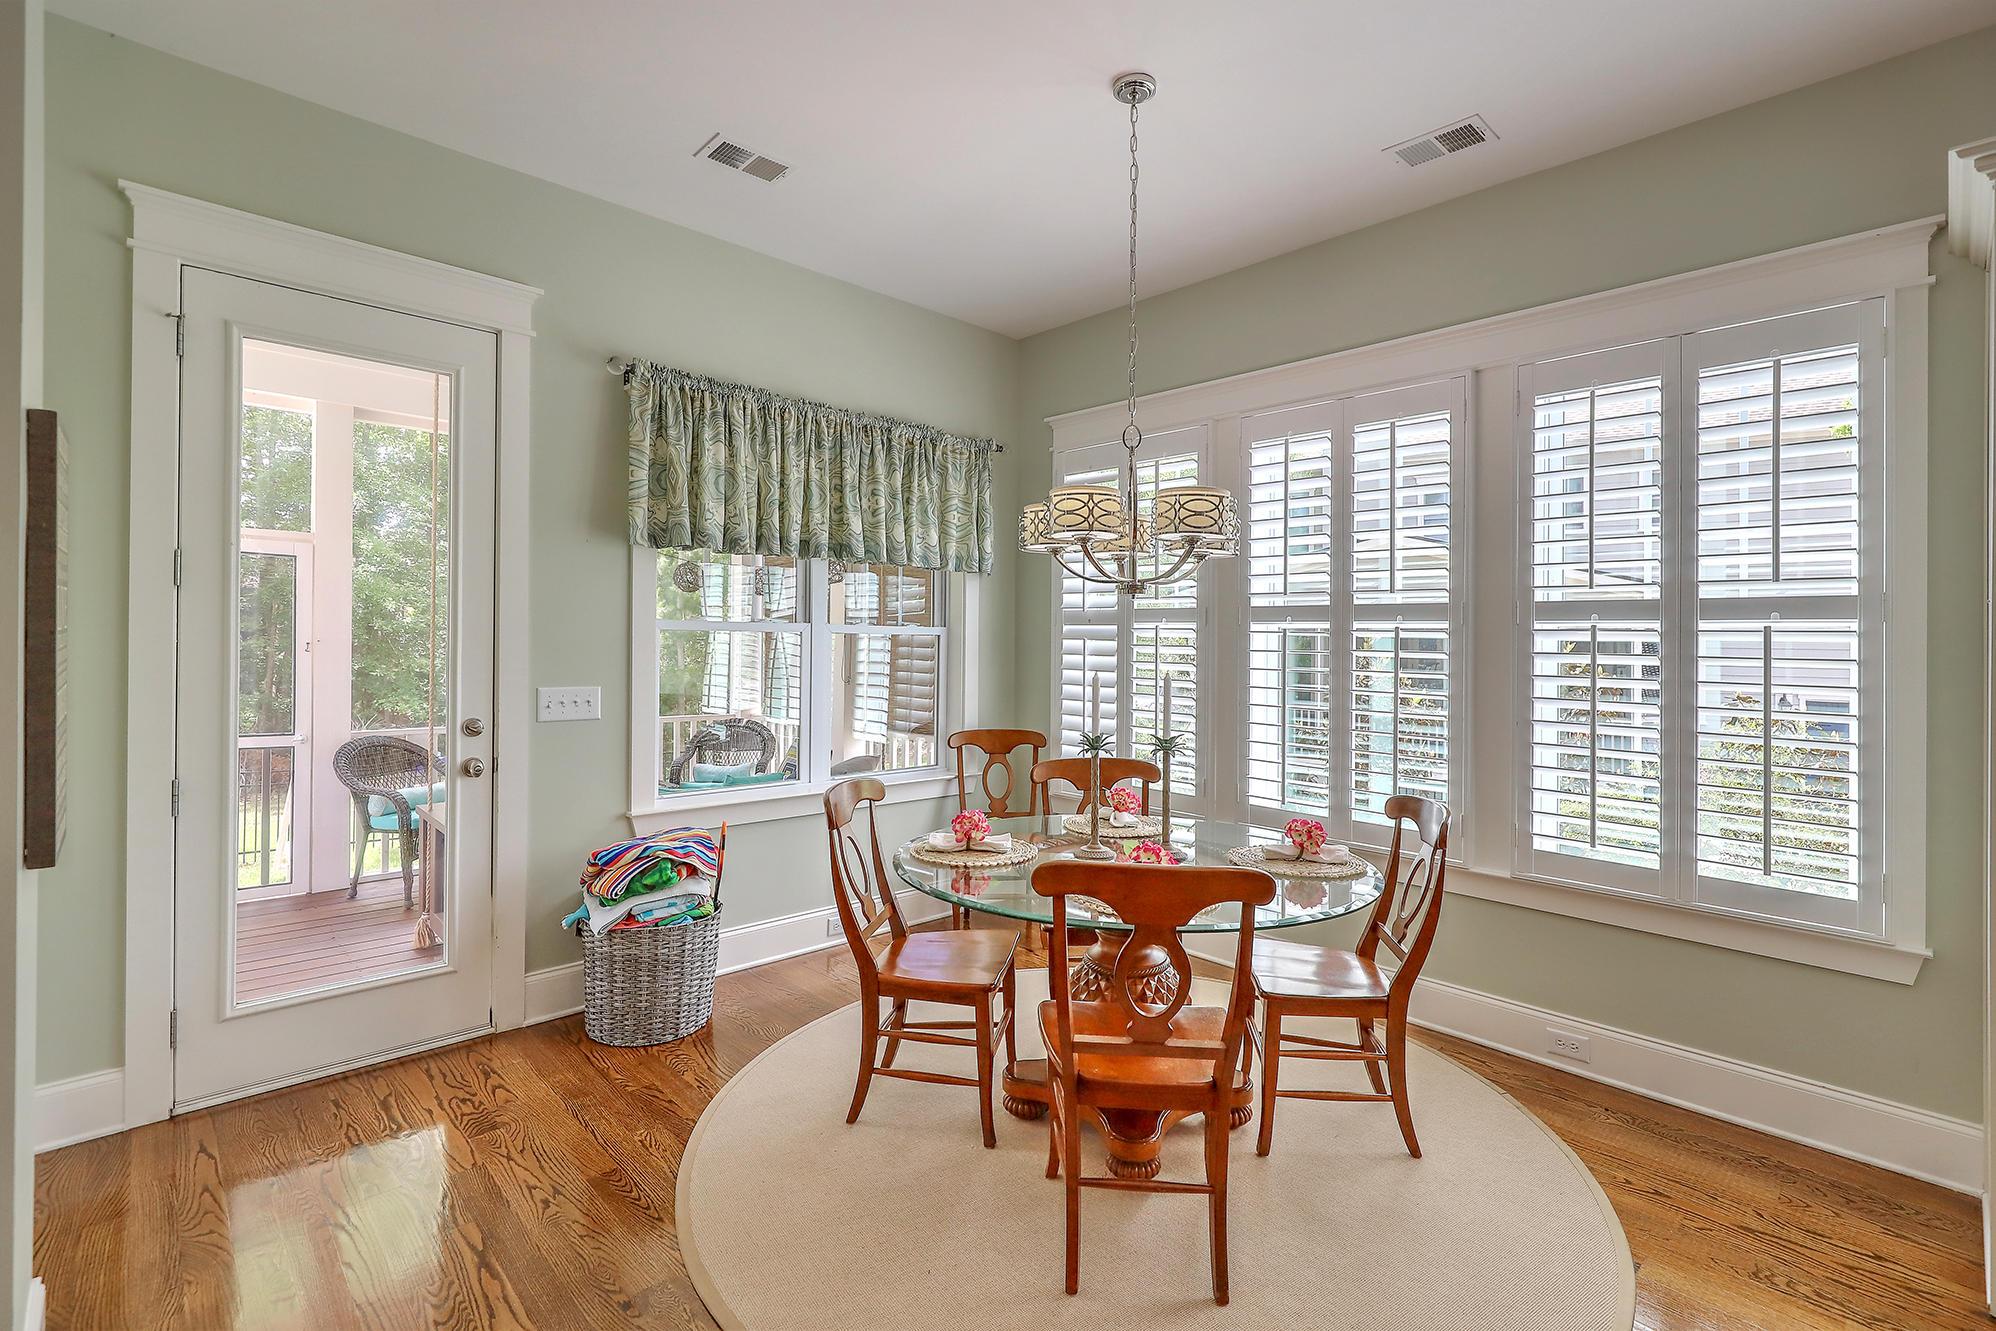 Park West Homes For Sale - 1516 Capel, Mount Pleasant, SC - 21